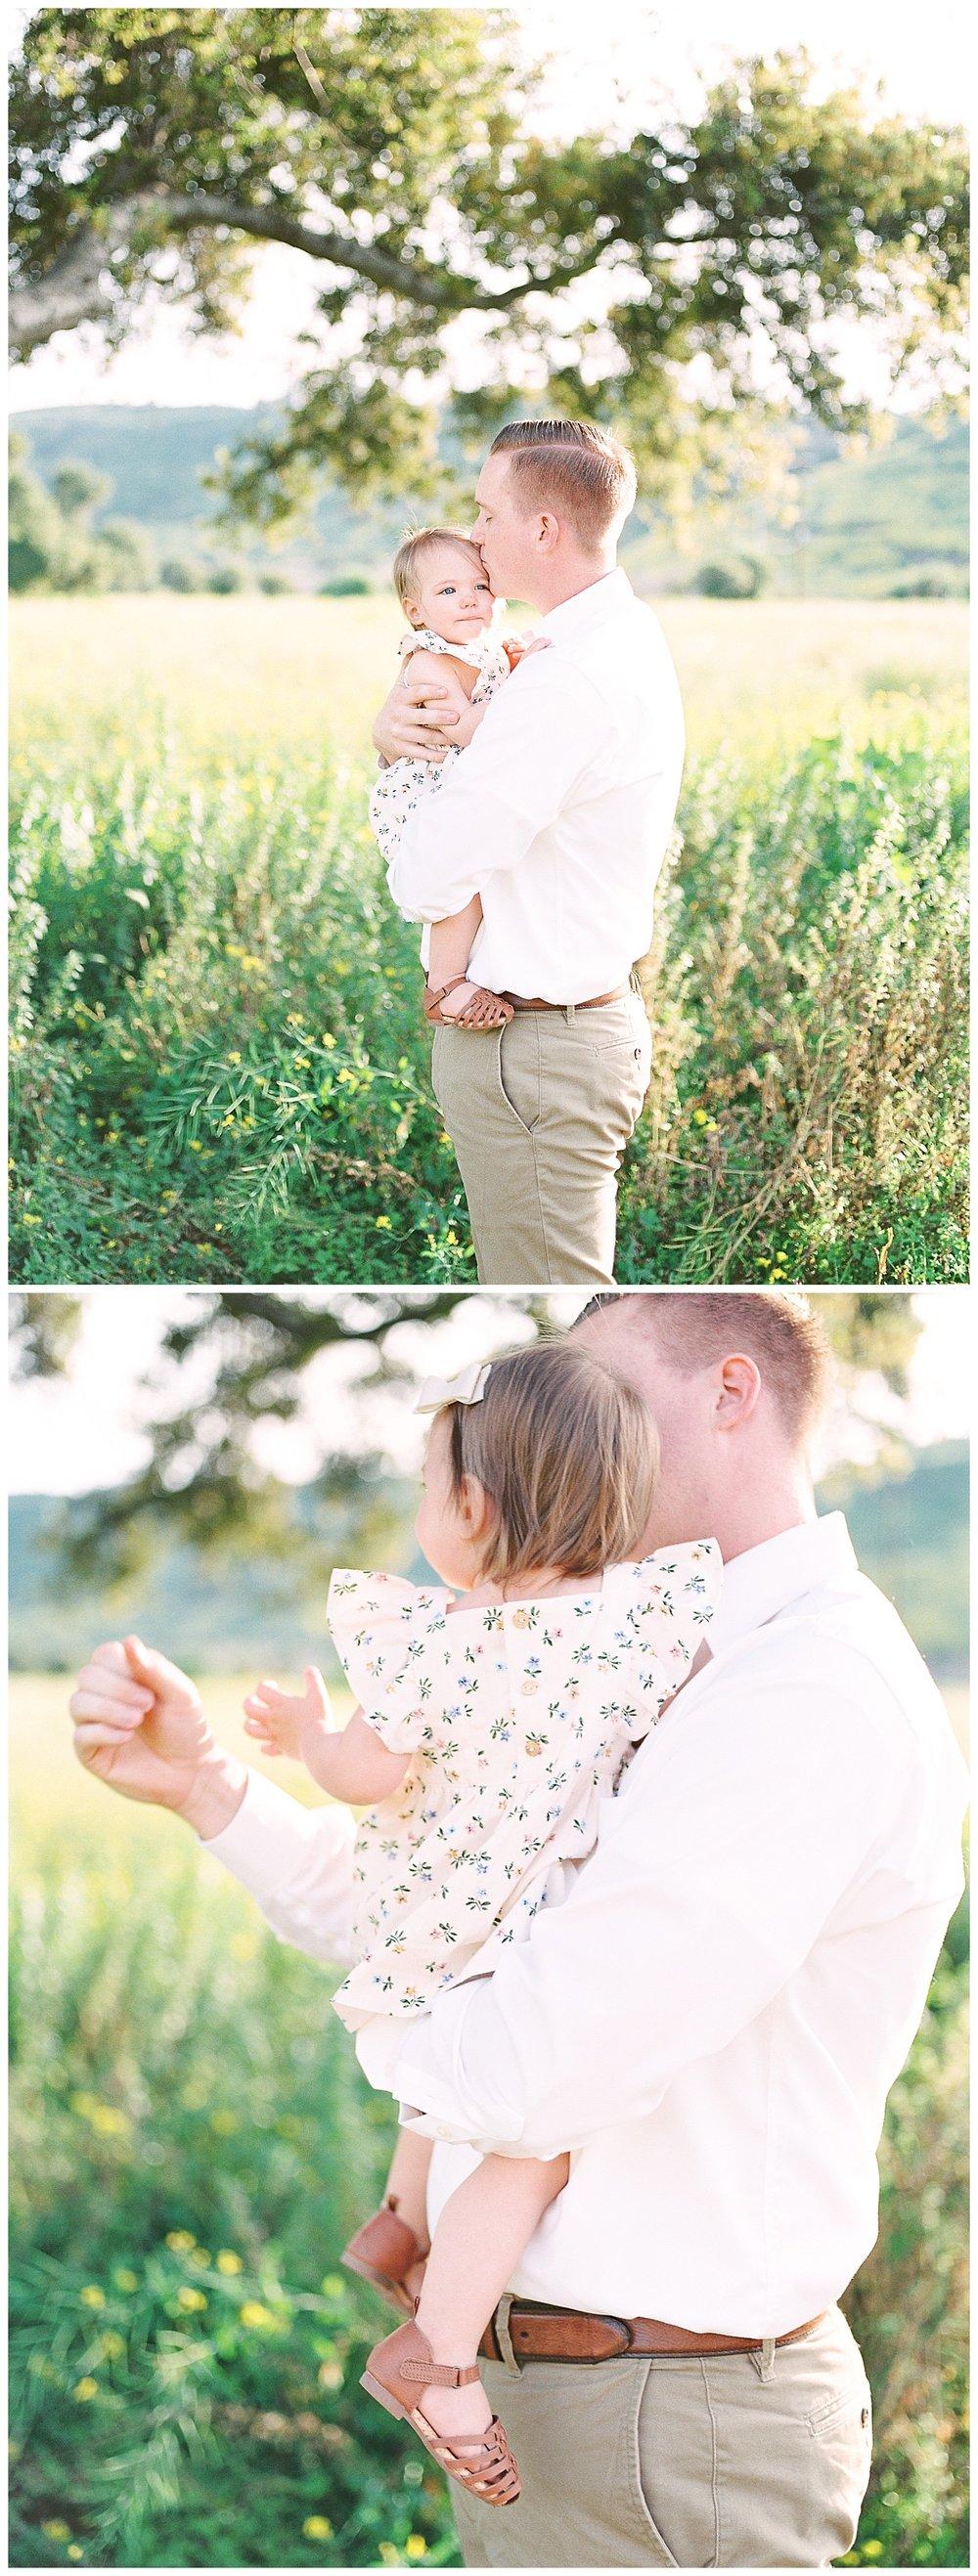 Orange County Family Photographer, film photographer